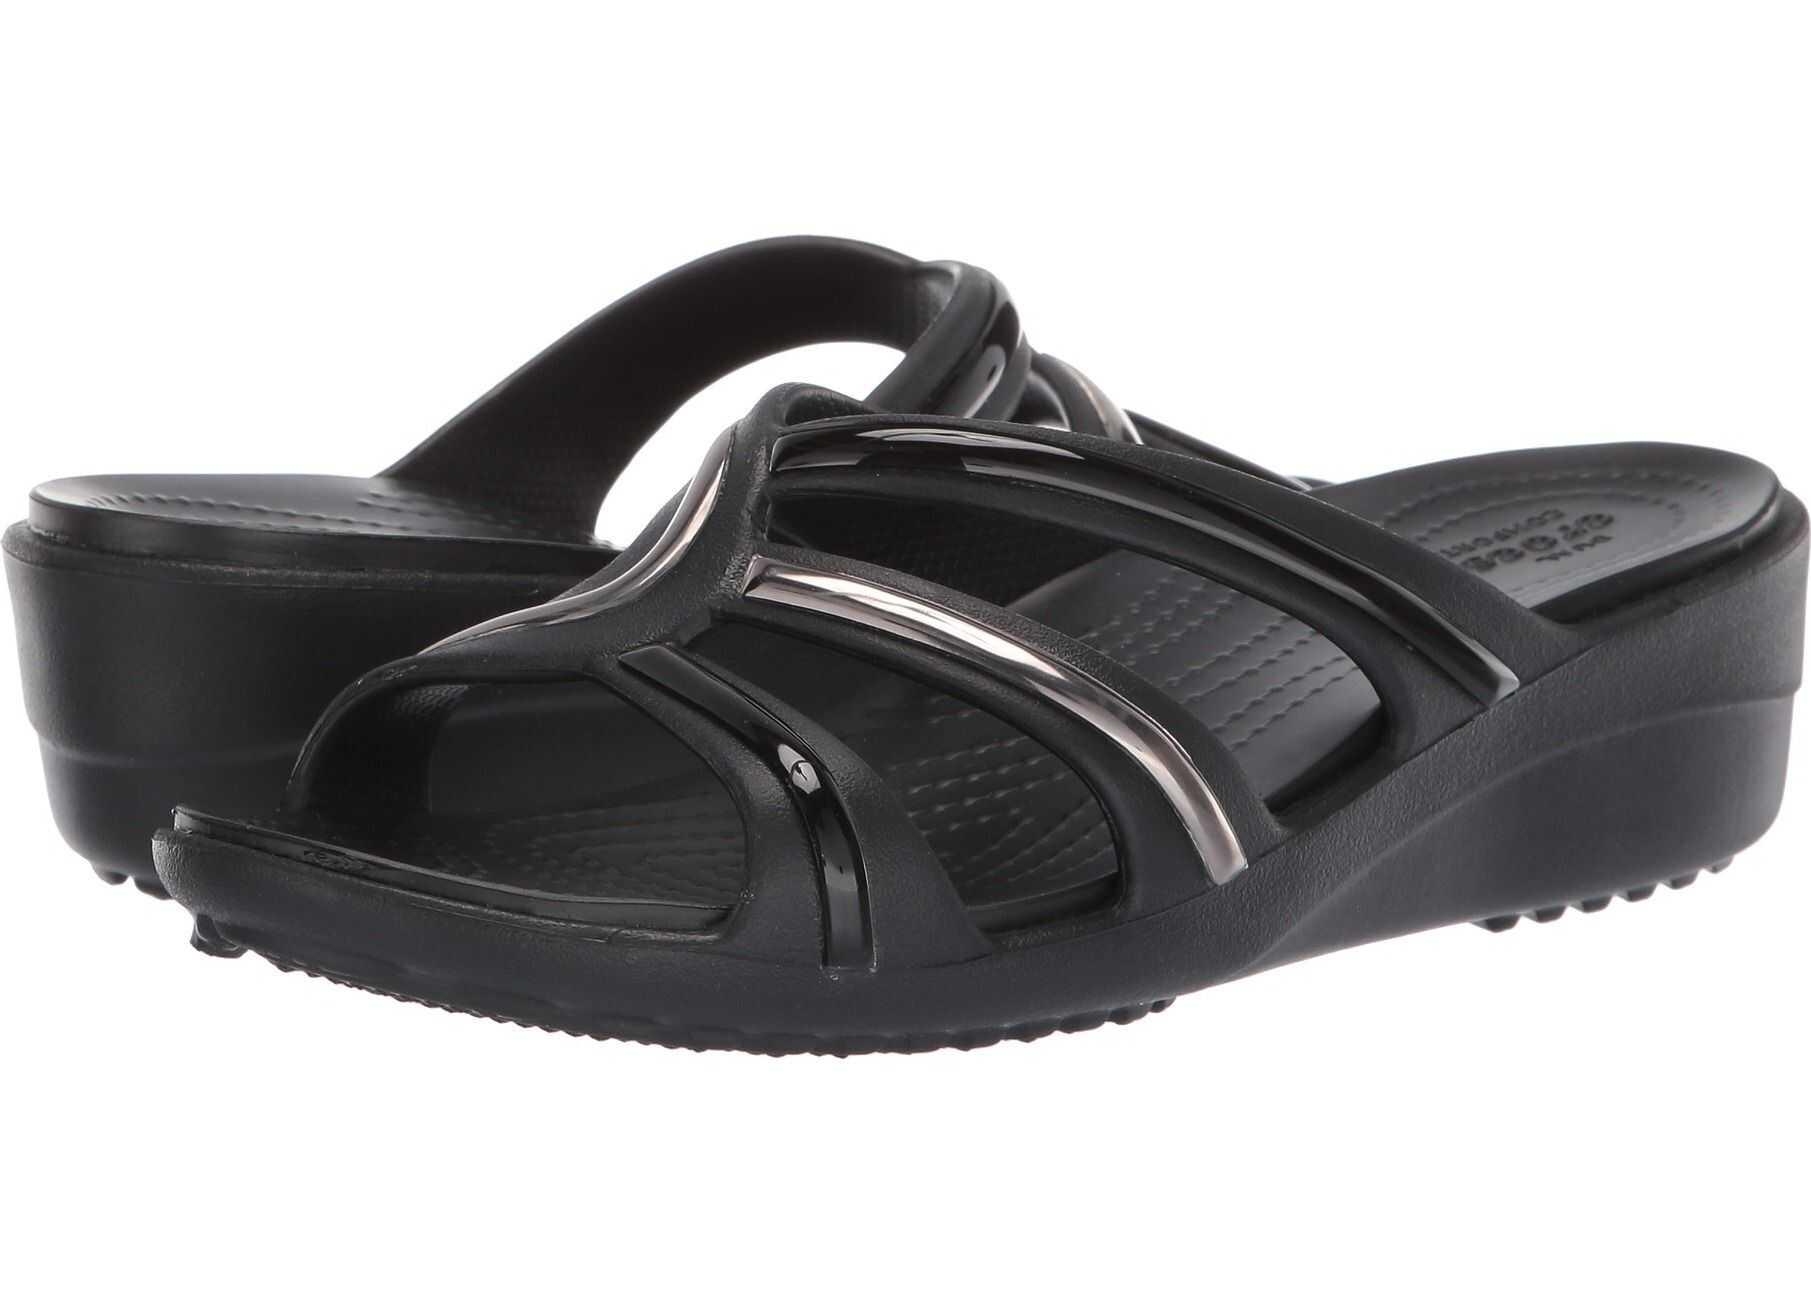 Crocs Sanrah Metalblock Strap Wedge Multi Black/Black